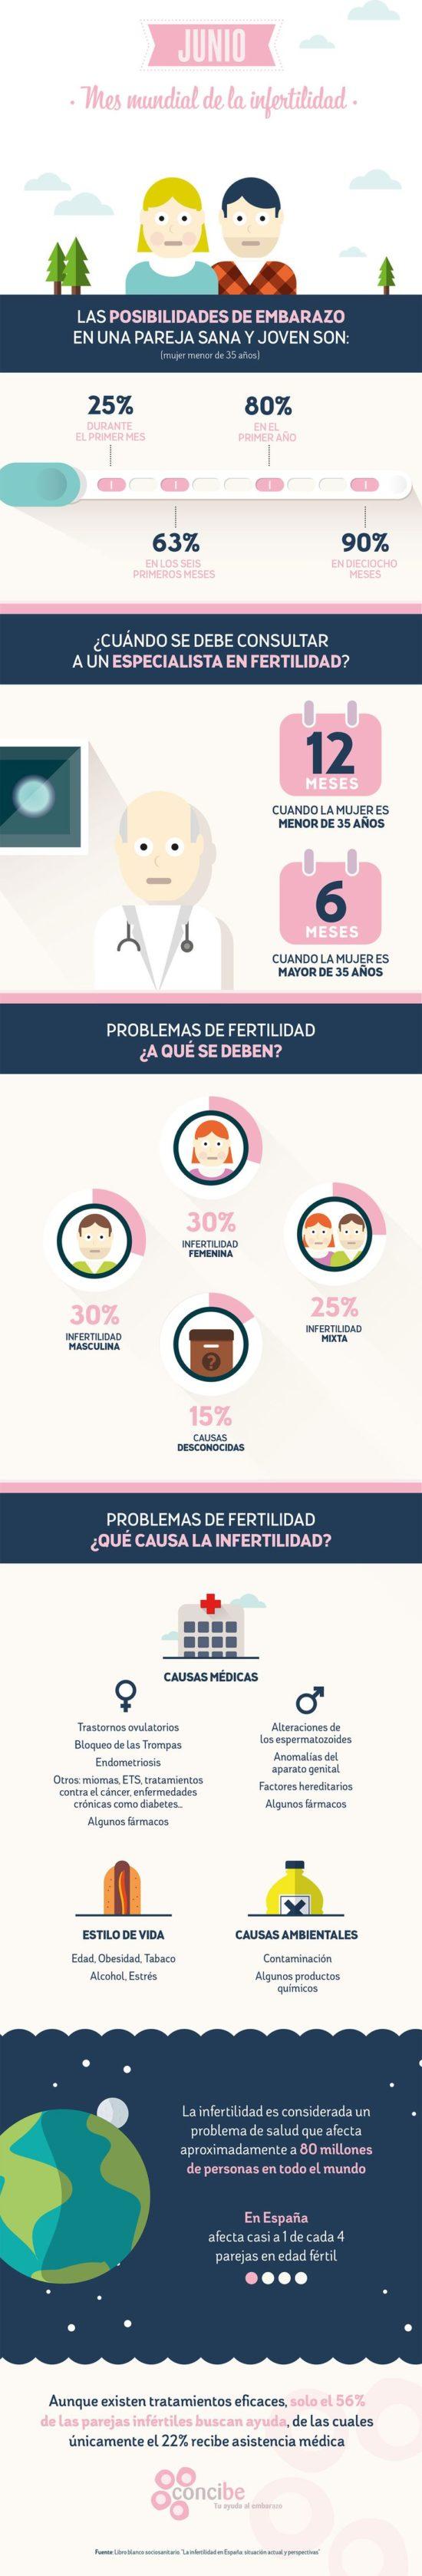 información de fertilidad e infertilidad (15)